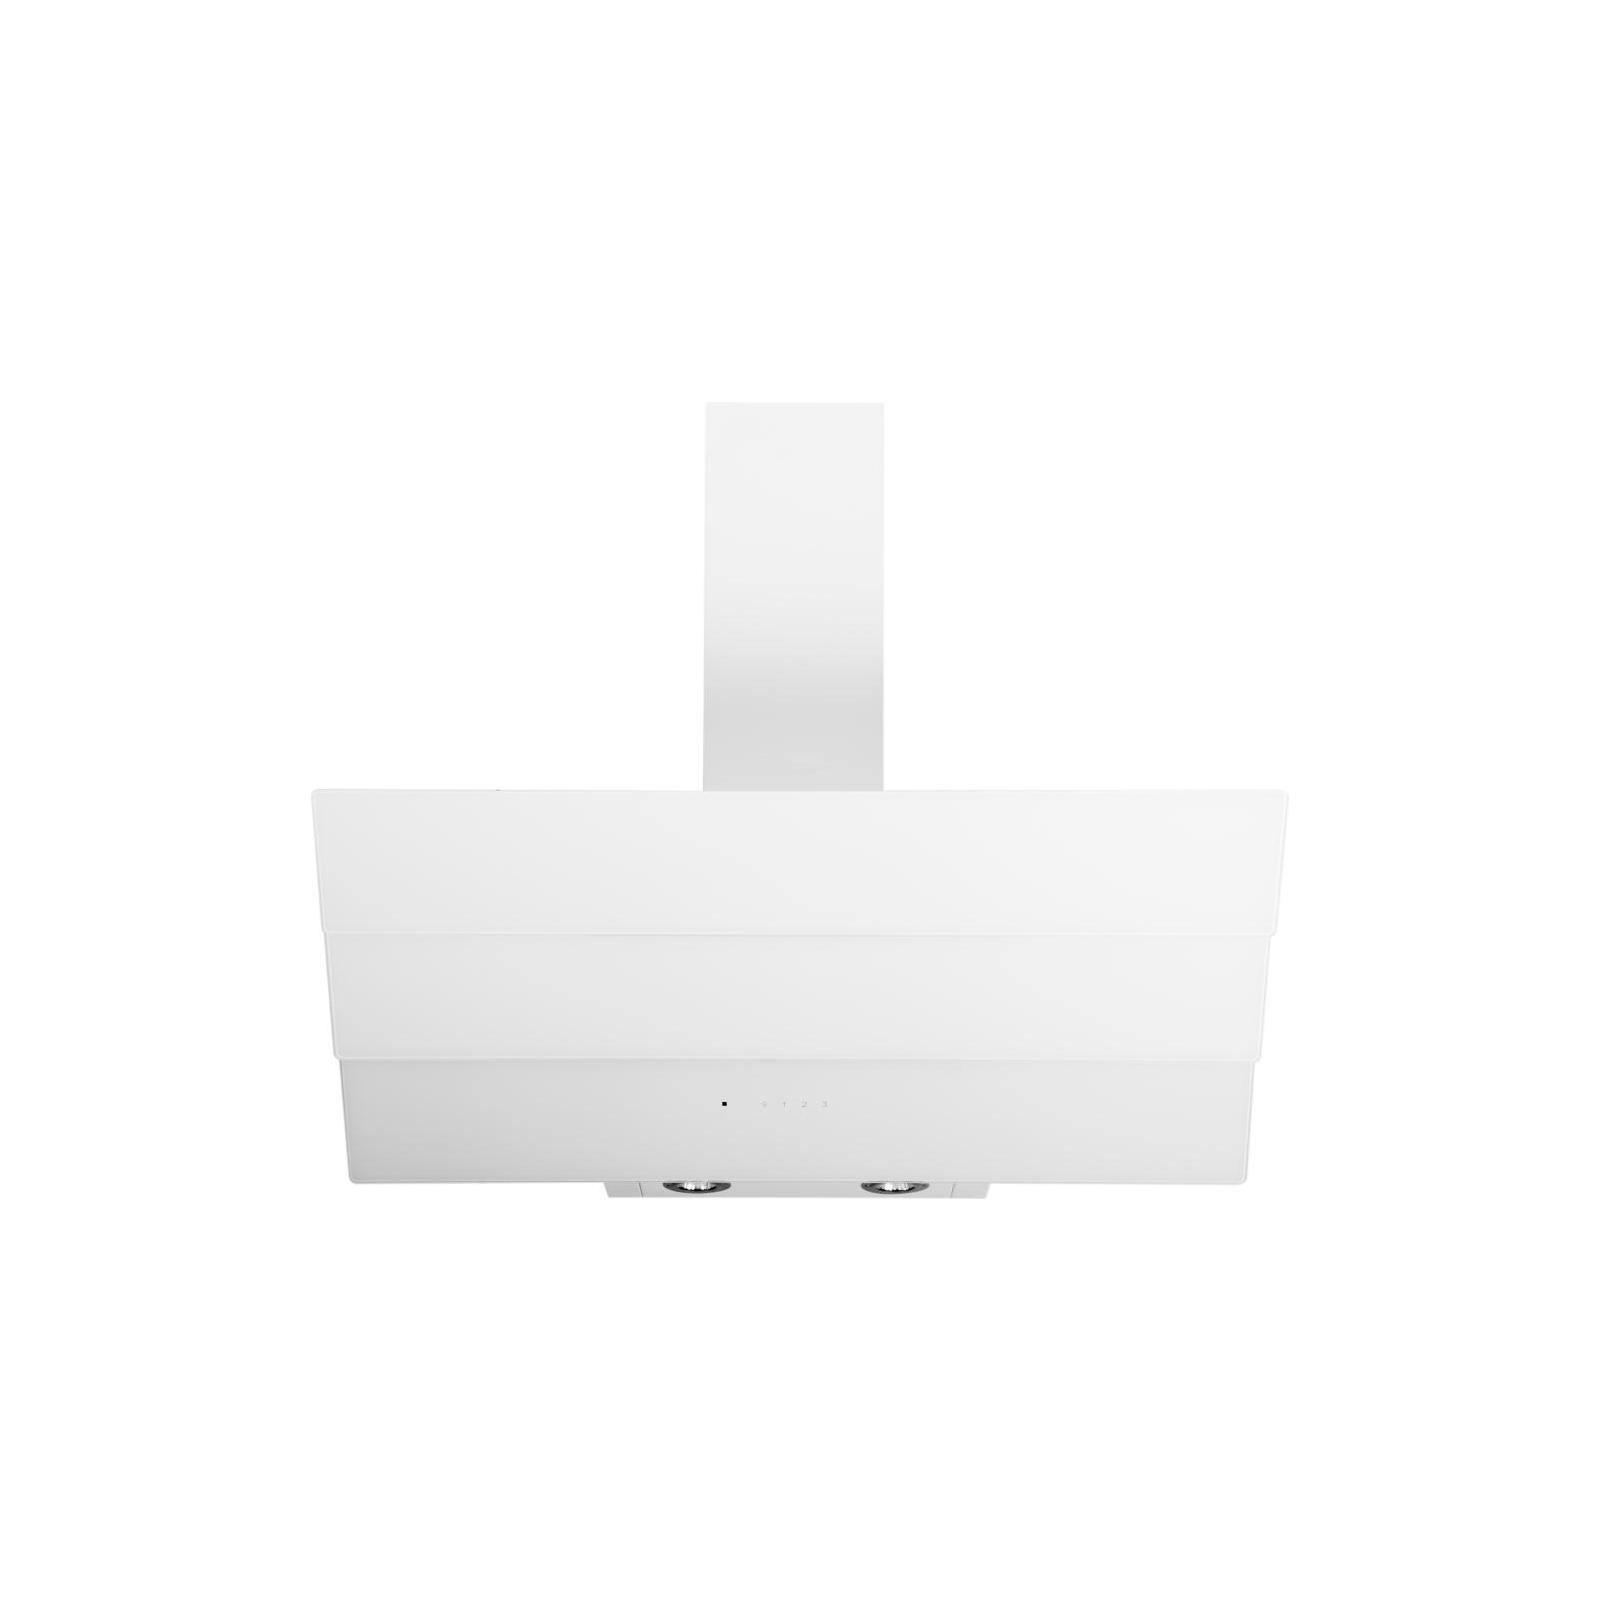 Вытяжка кухонная ZIRTAL FALCON 90 WH изображение 3